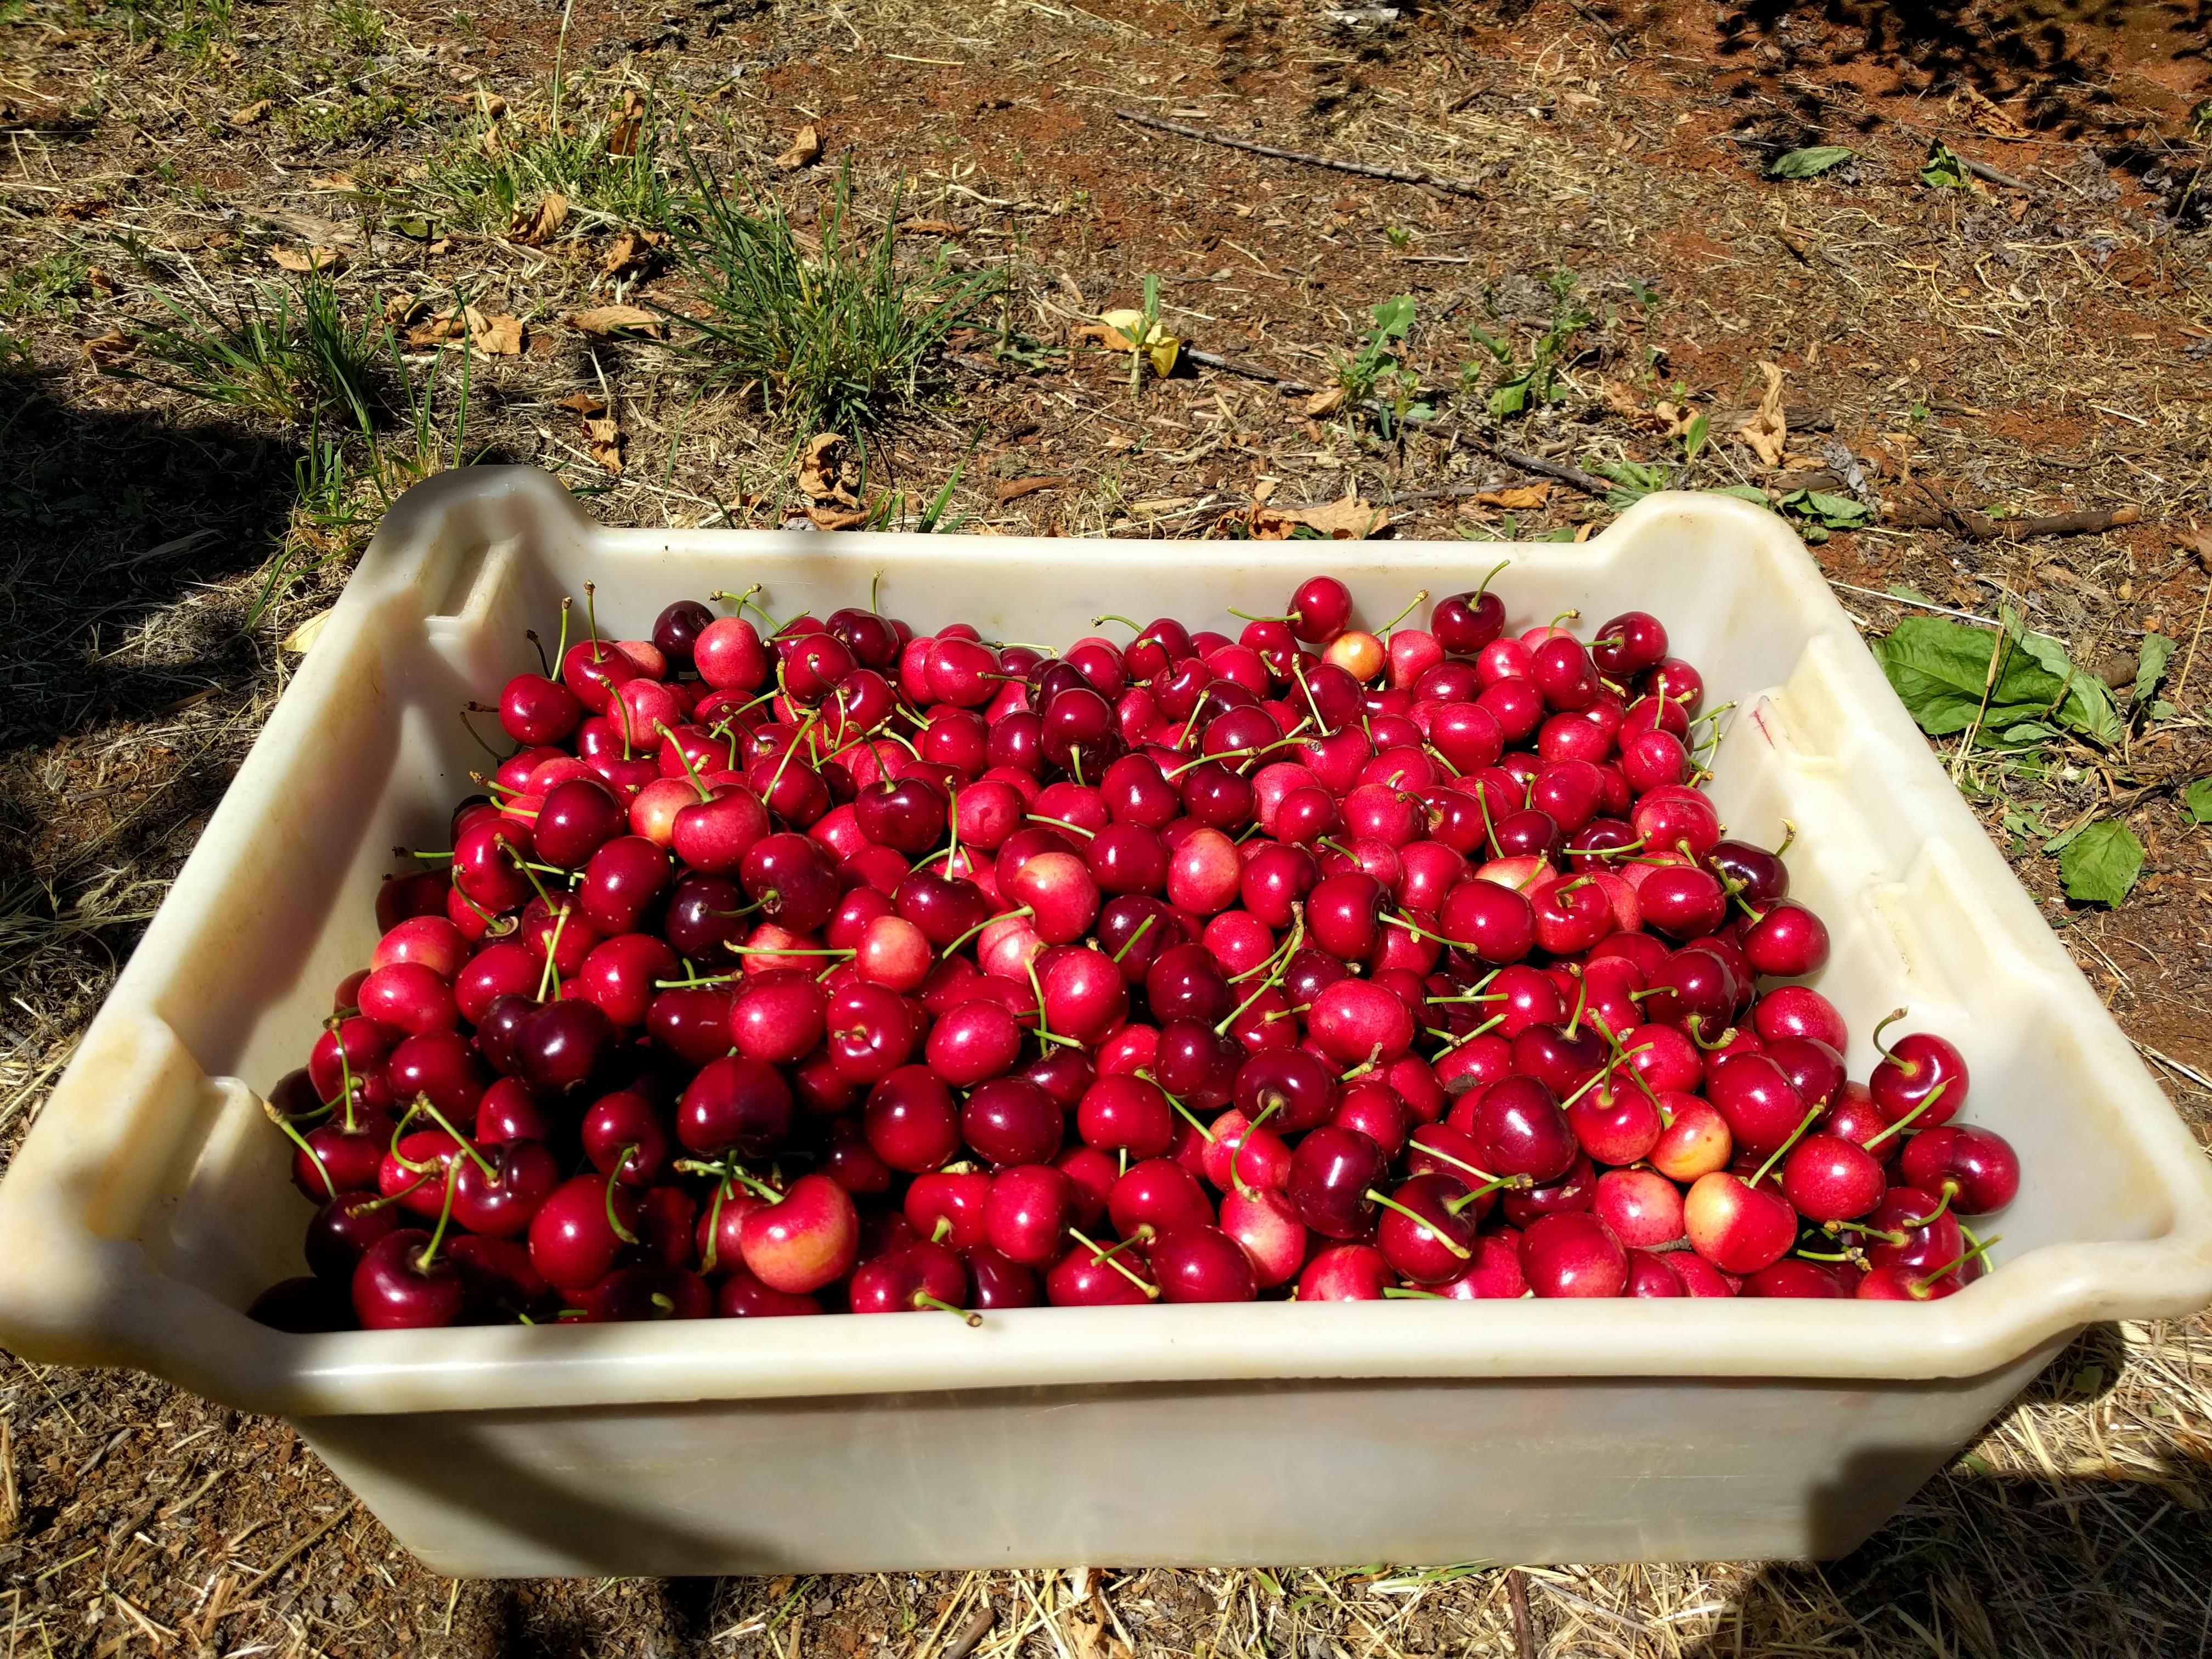 Sunburst, une variété de cerises blanches